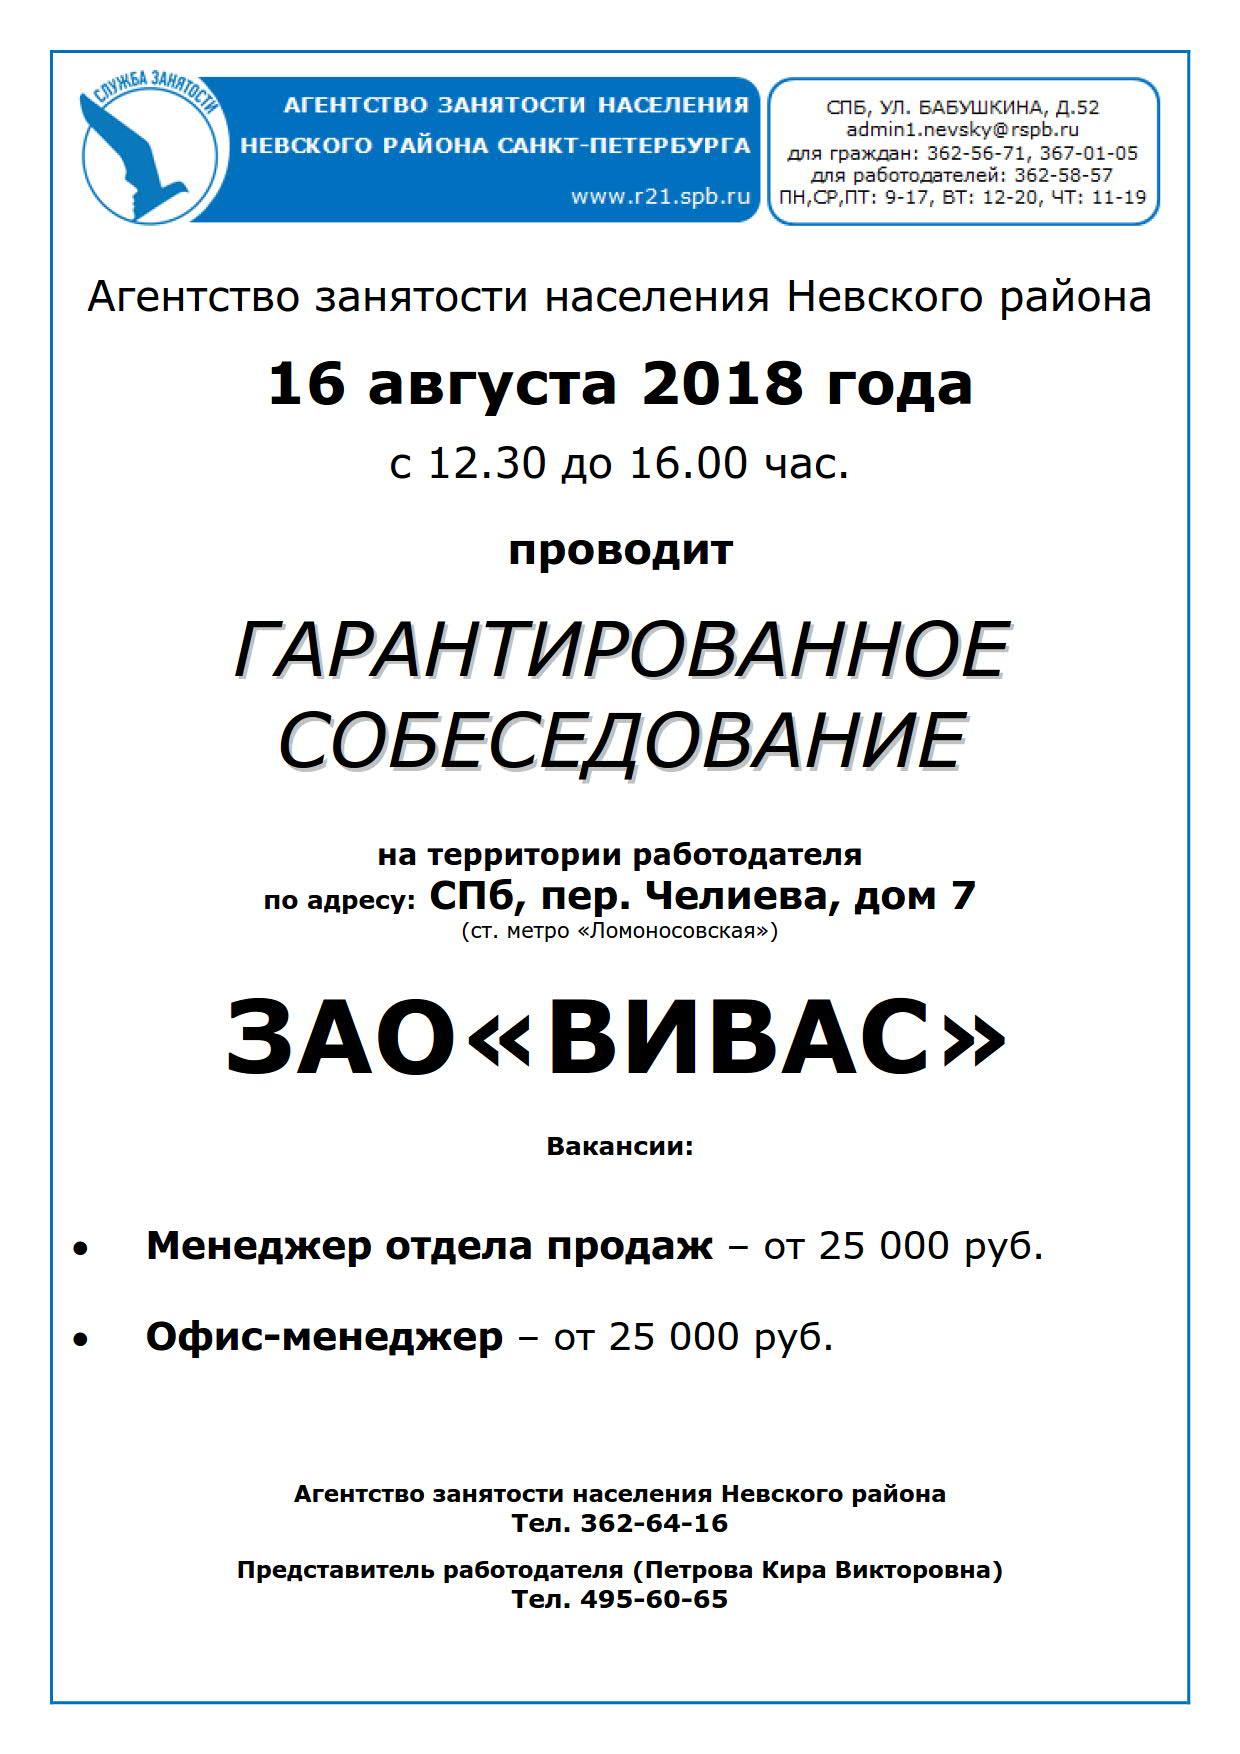 объявление ГС 16.08.2018_1